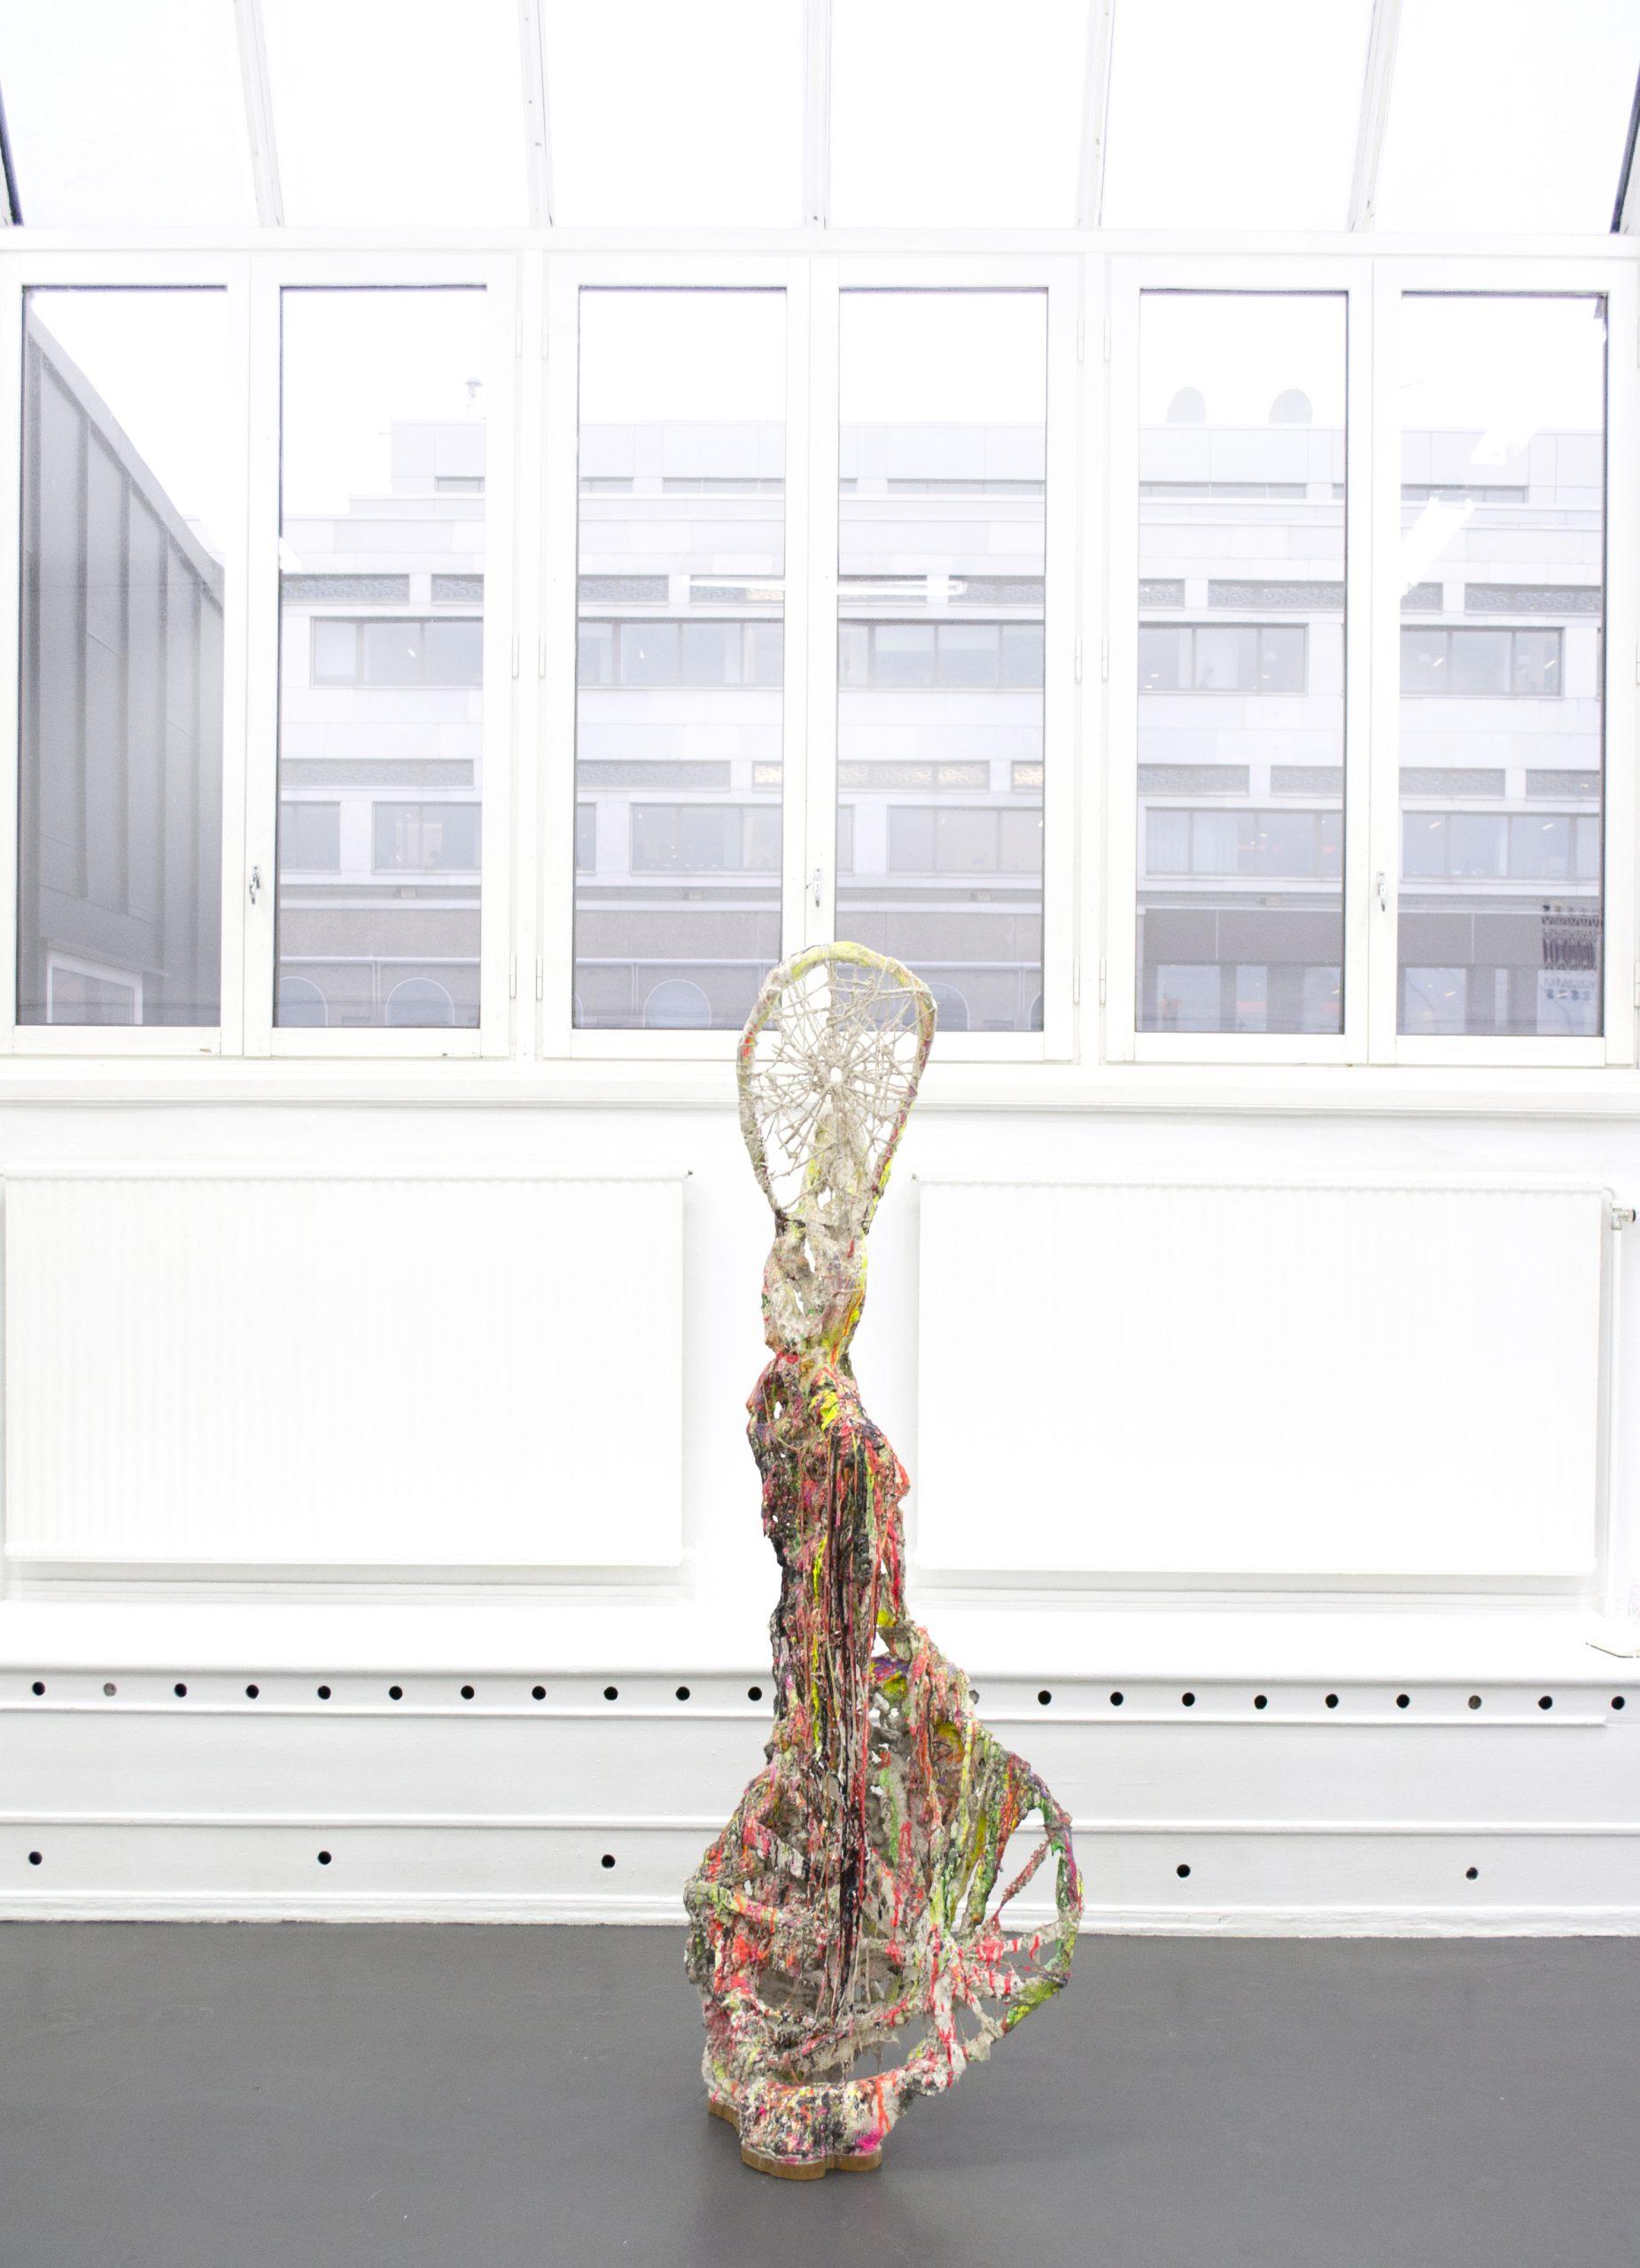 """Jakob Westberg, """"Dummynr.14(exostosis"""",) 2019 gips,betong,acrystal,textil,pigment,akryl,epoxi, 206x77x53"""